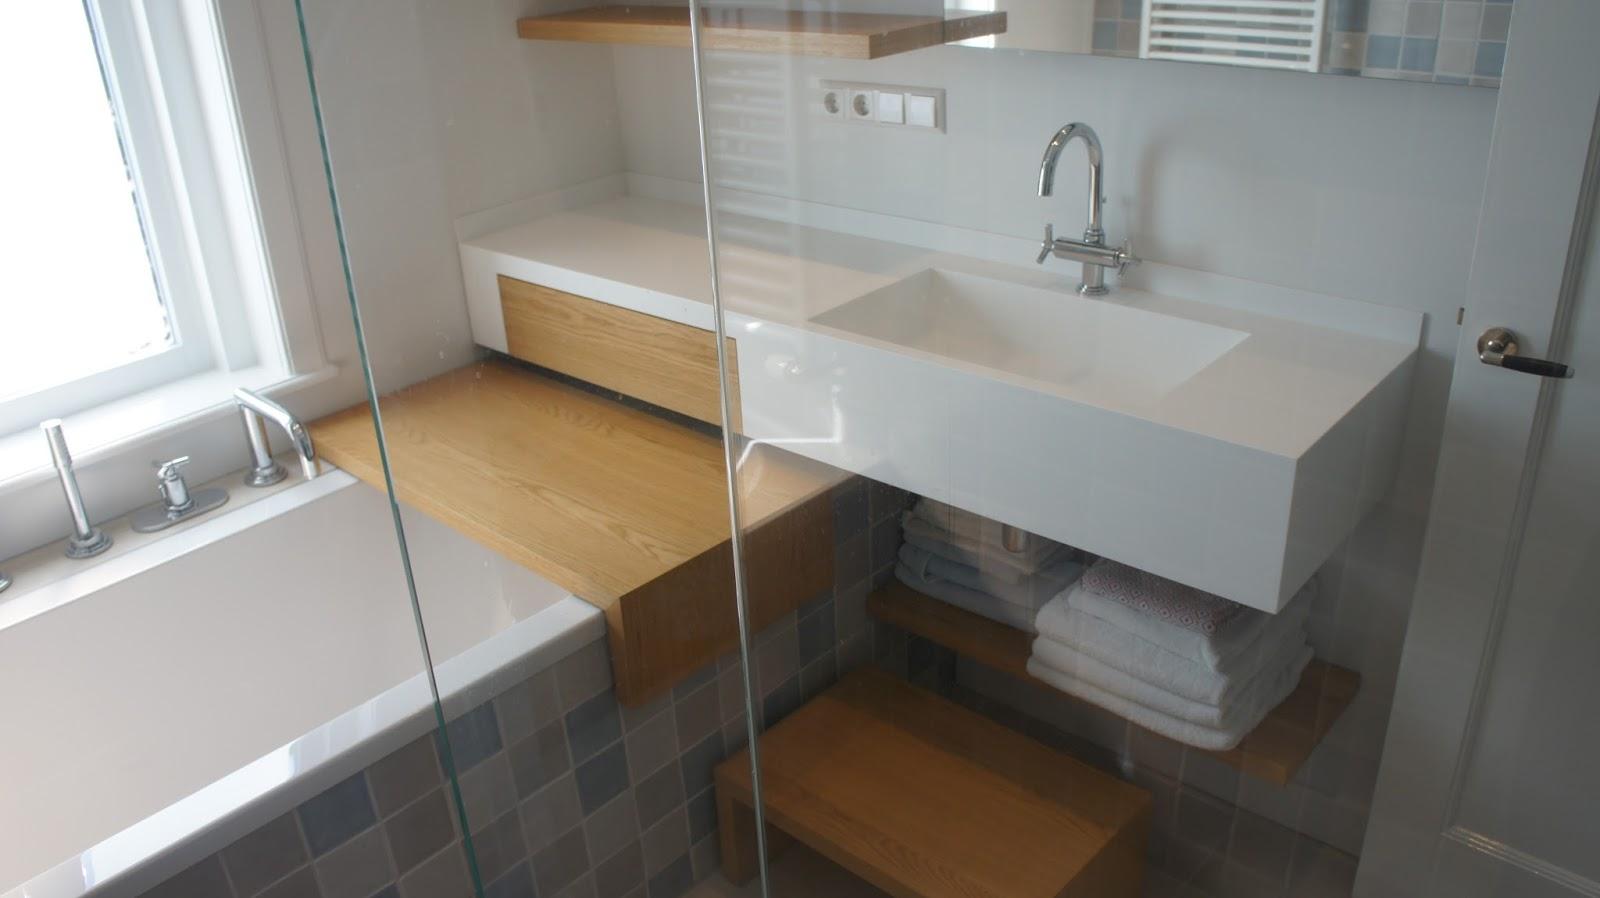 Luxe én comfort, ook in een kleine badkamer - Vissers Waalwijk B.V.